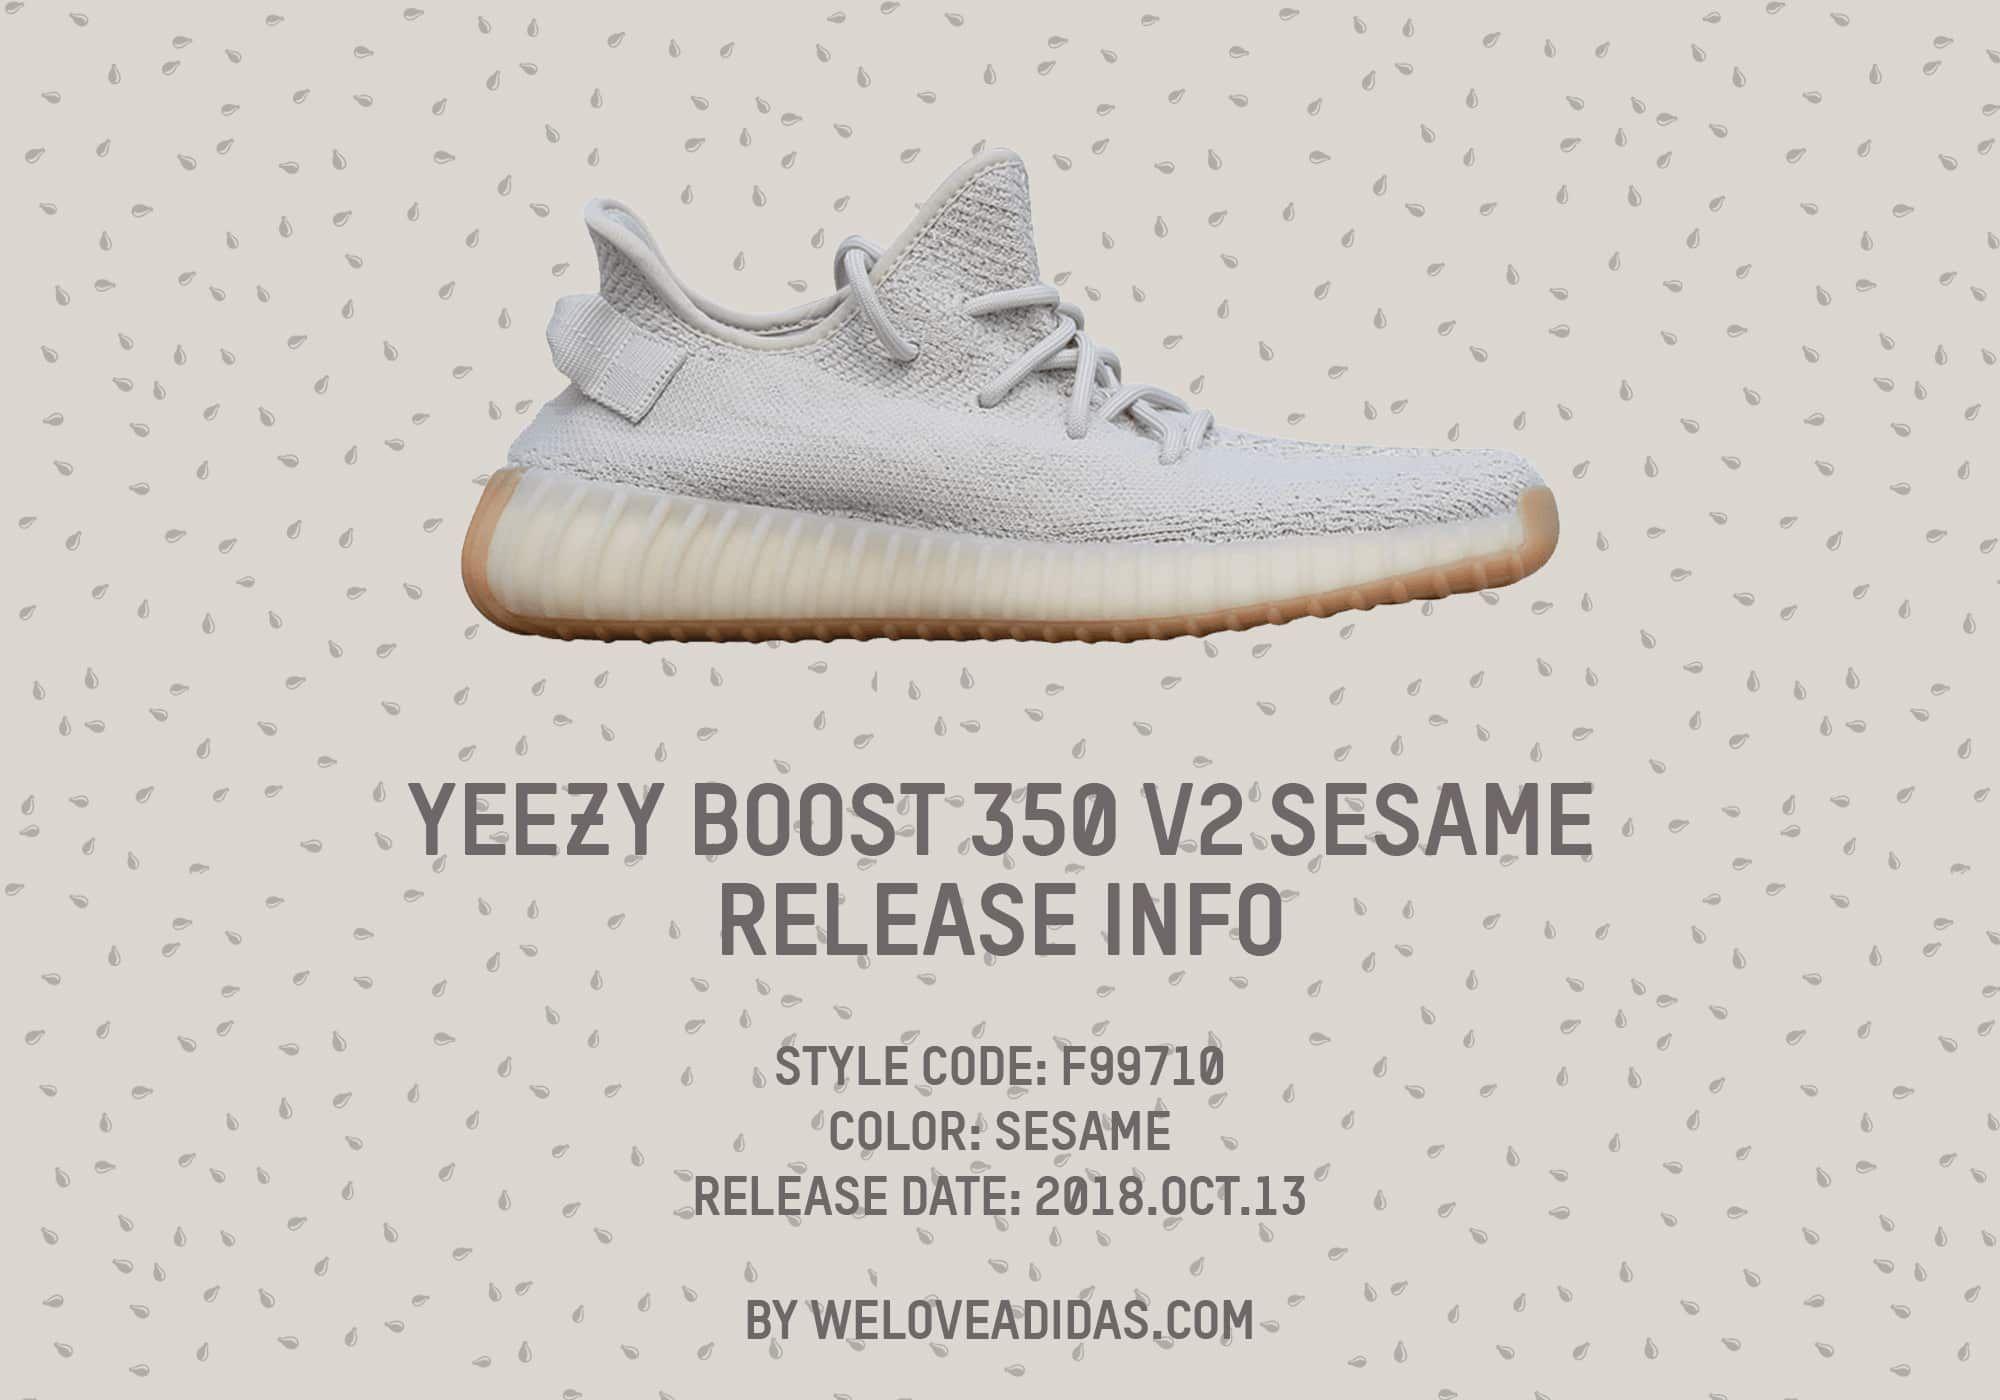 """Used Adidas Yeezy Boost 350 V2 """"Sesame</div>             </div>   </div>       </div>     <div class="""